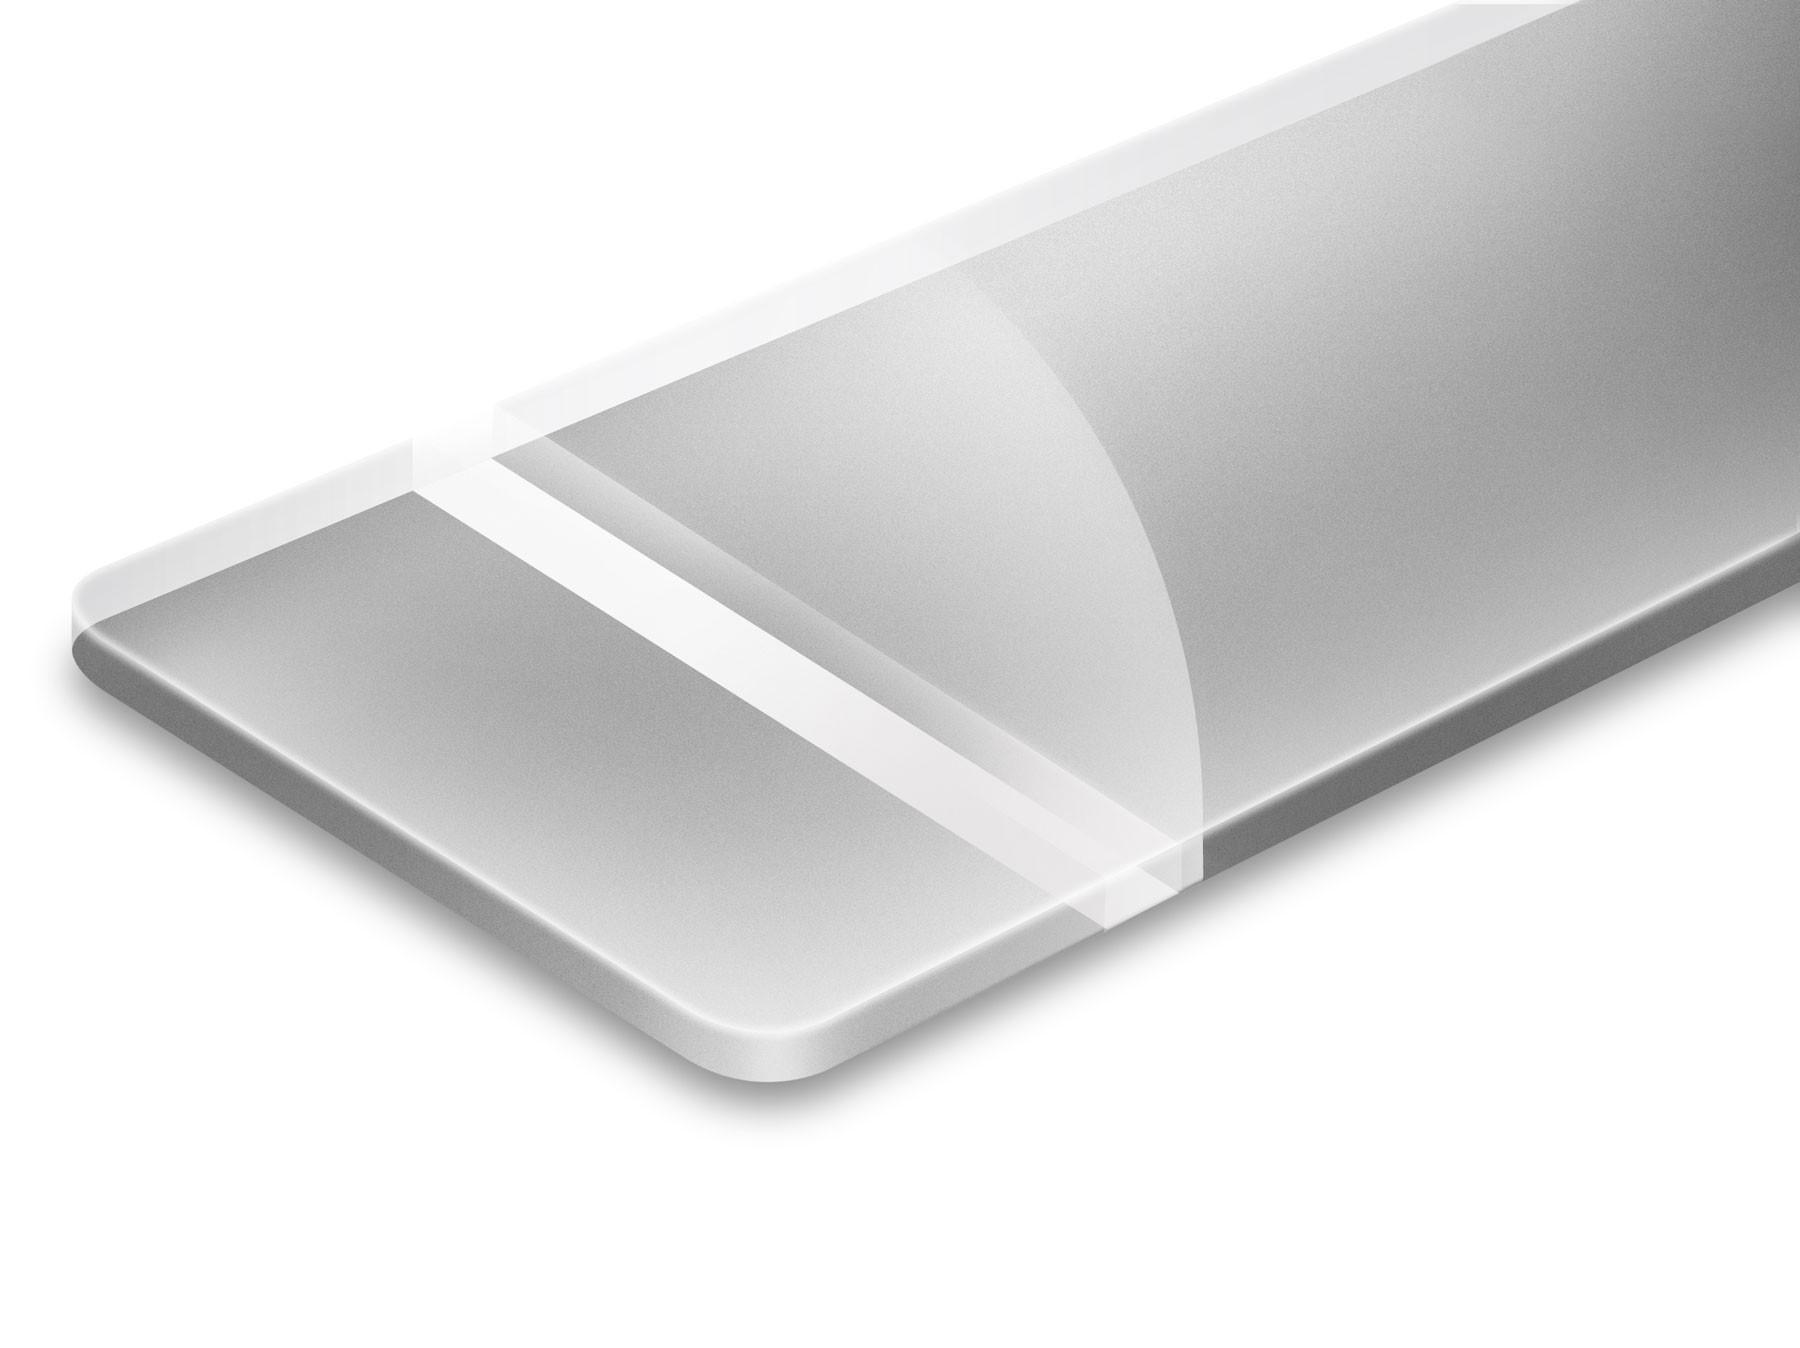 Trasparente/Argento 1,6mm